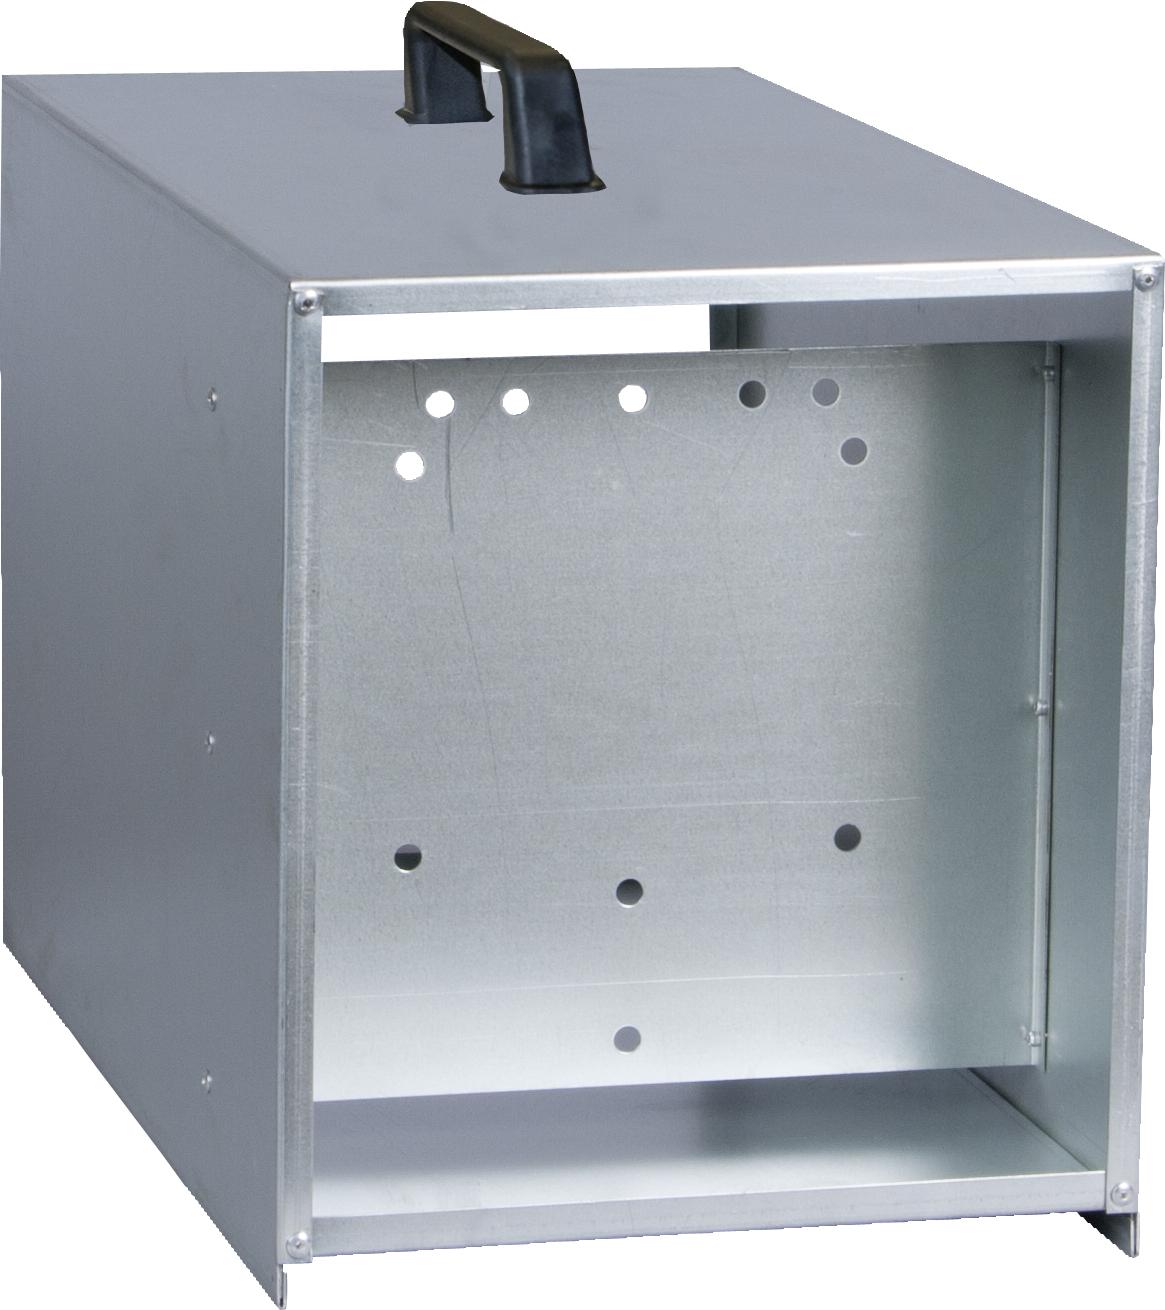 Tragebox verzinkt für PATURA-Geräte